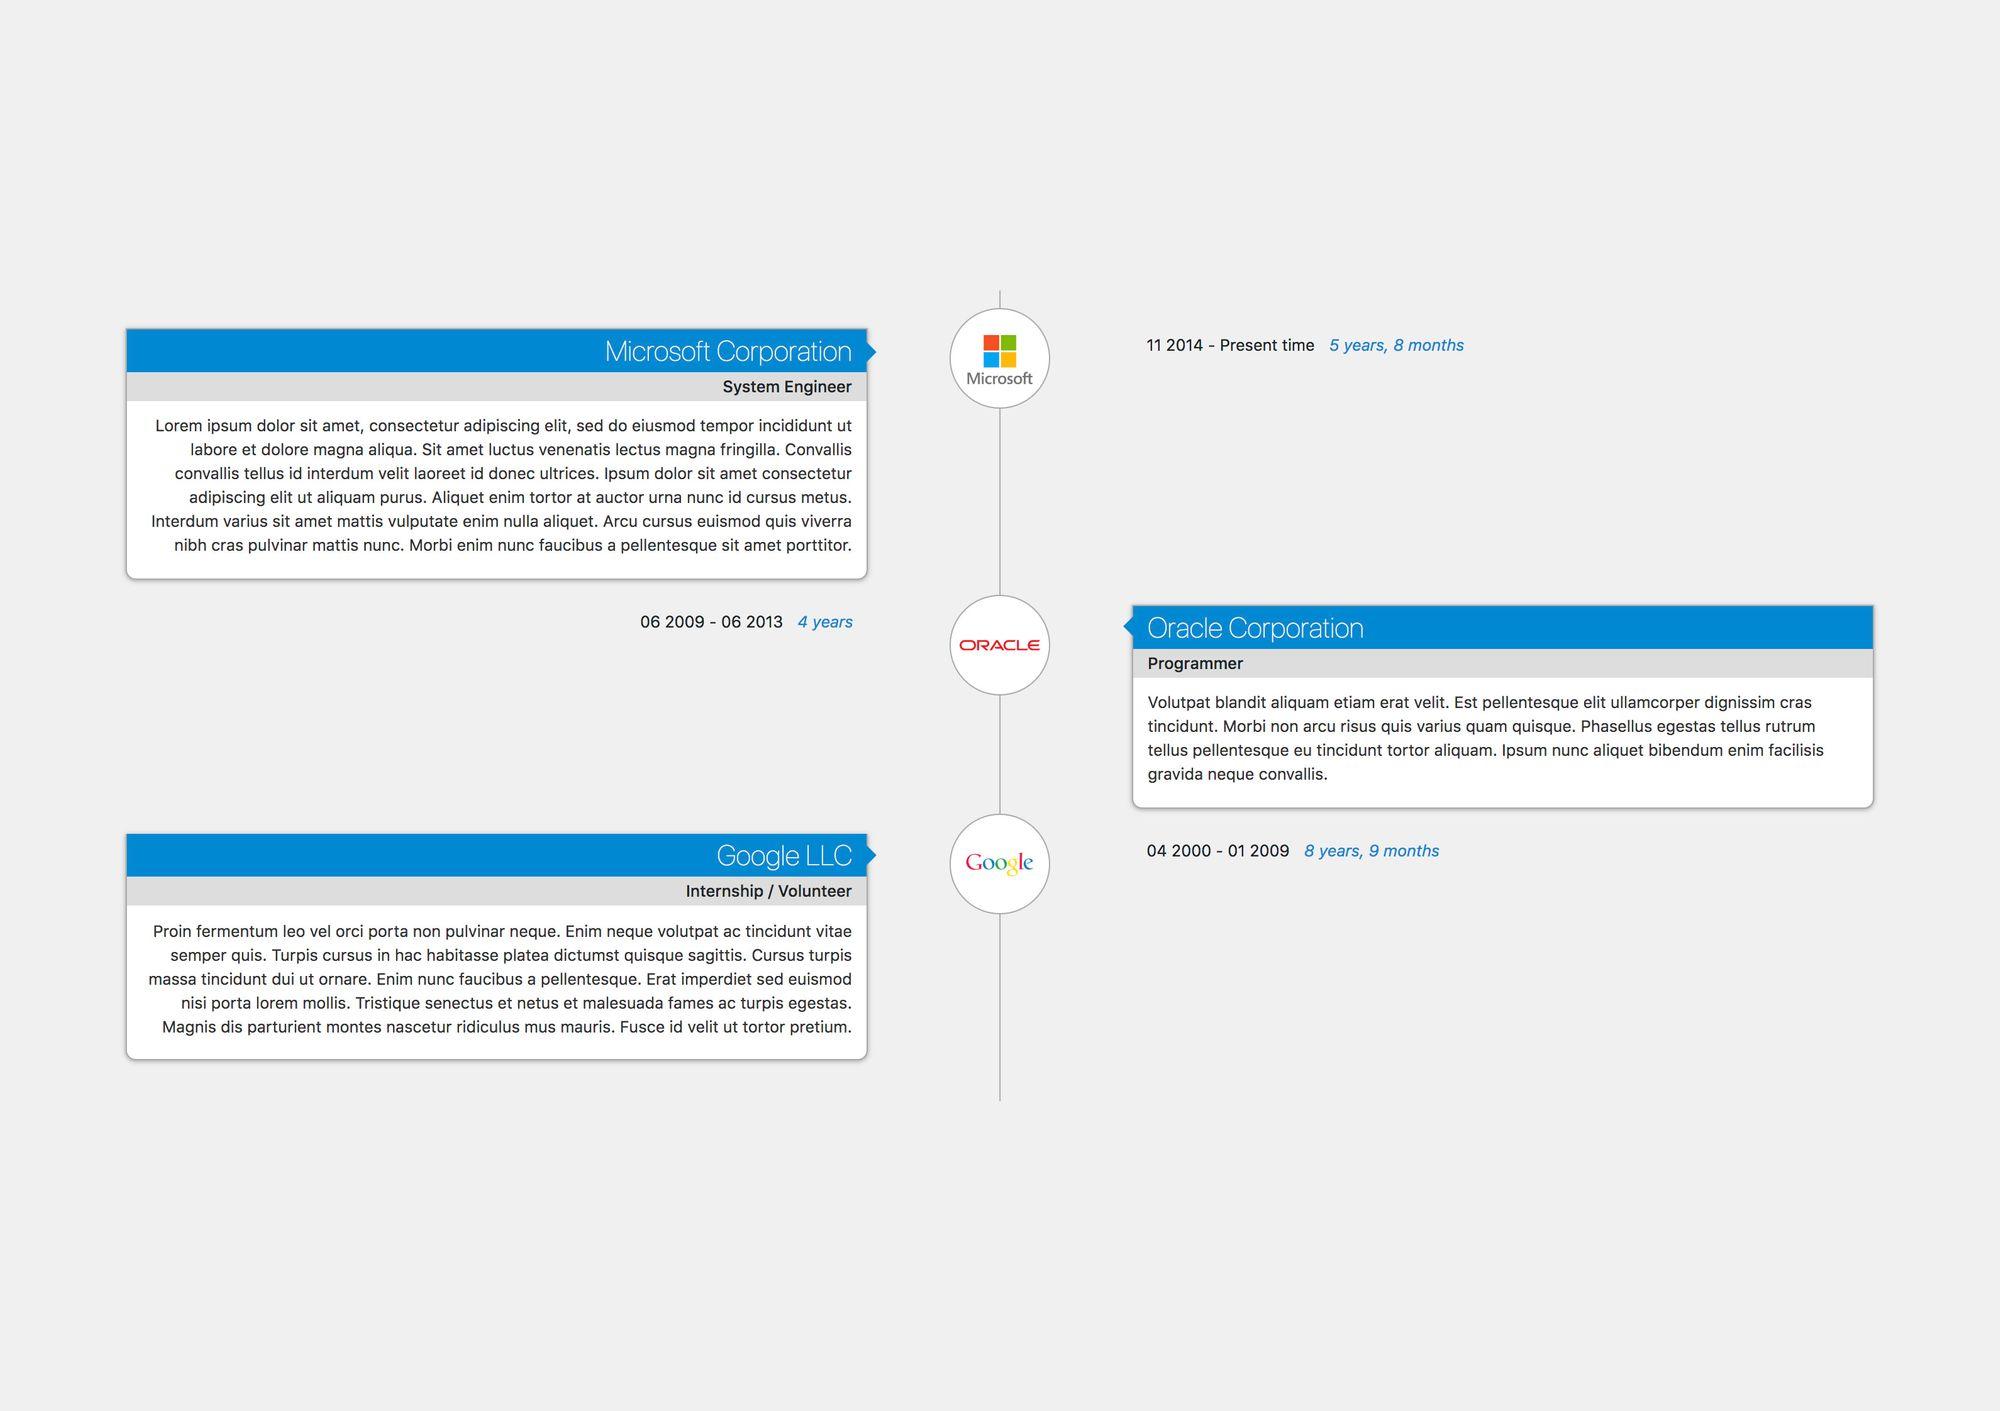 Bootstrap-Vue Timeline - VueJS